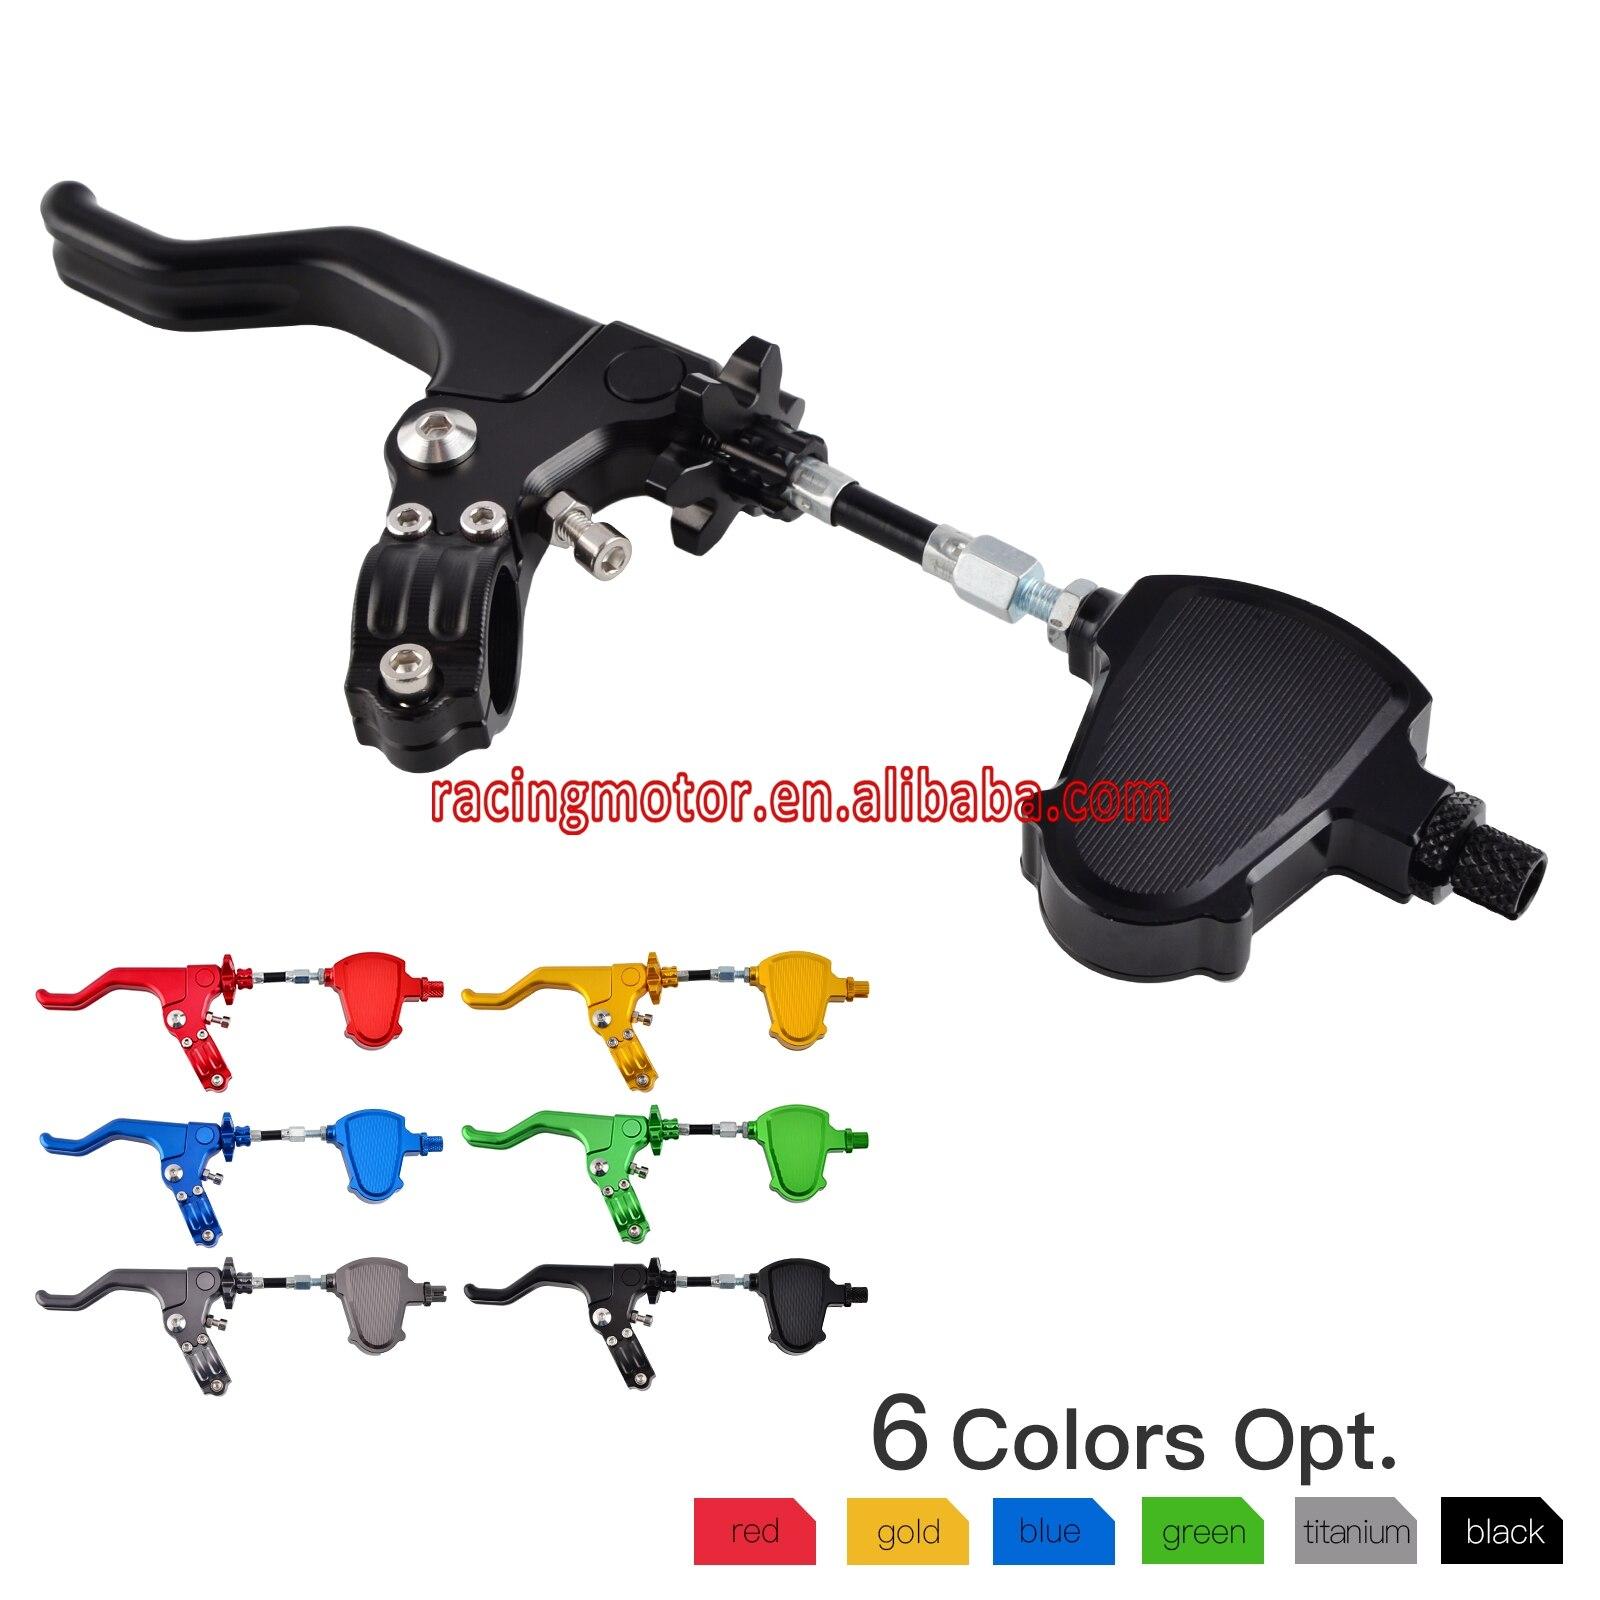 CNC Stunt D'embrayage De Câble De Traction Facile Système pour Yamaha TTR125 TTR250 TTR600 XT250X XTZ125 DT230 Saro 225 250 YZ125X YZ250FX